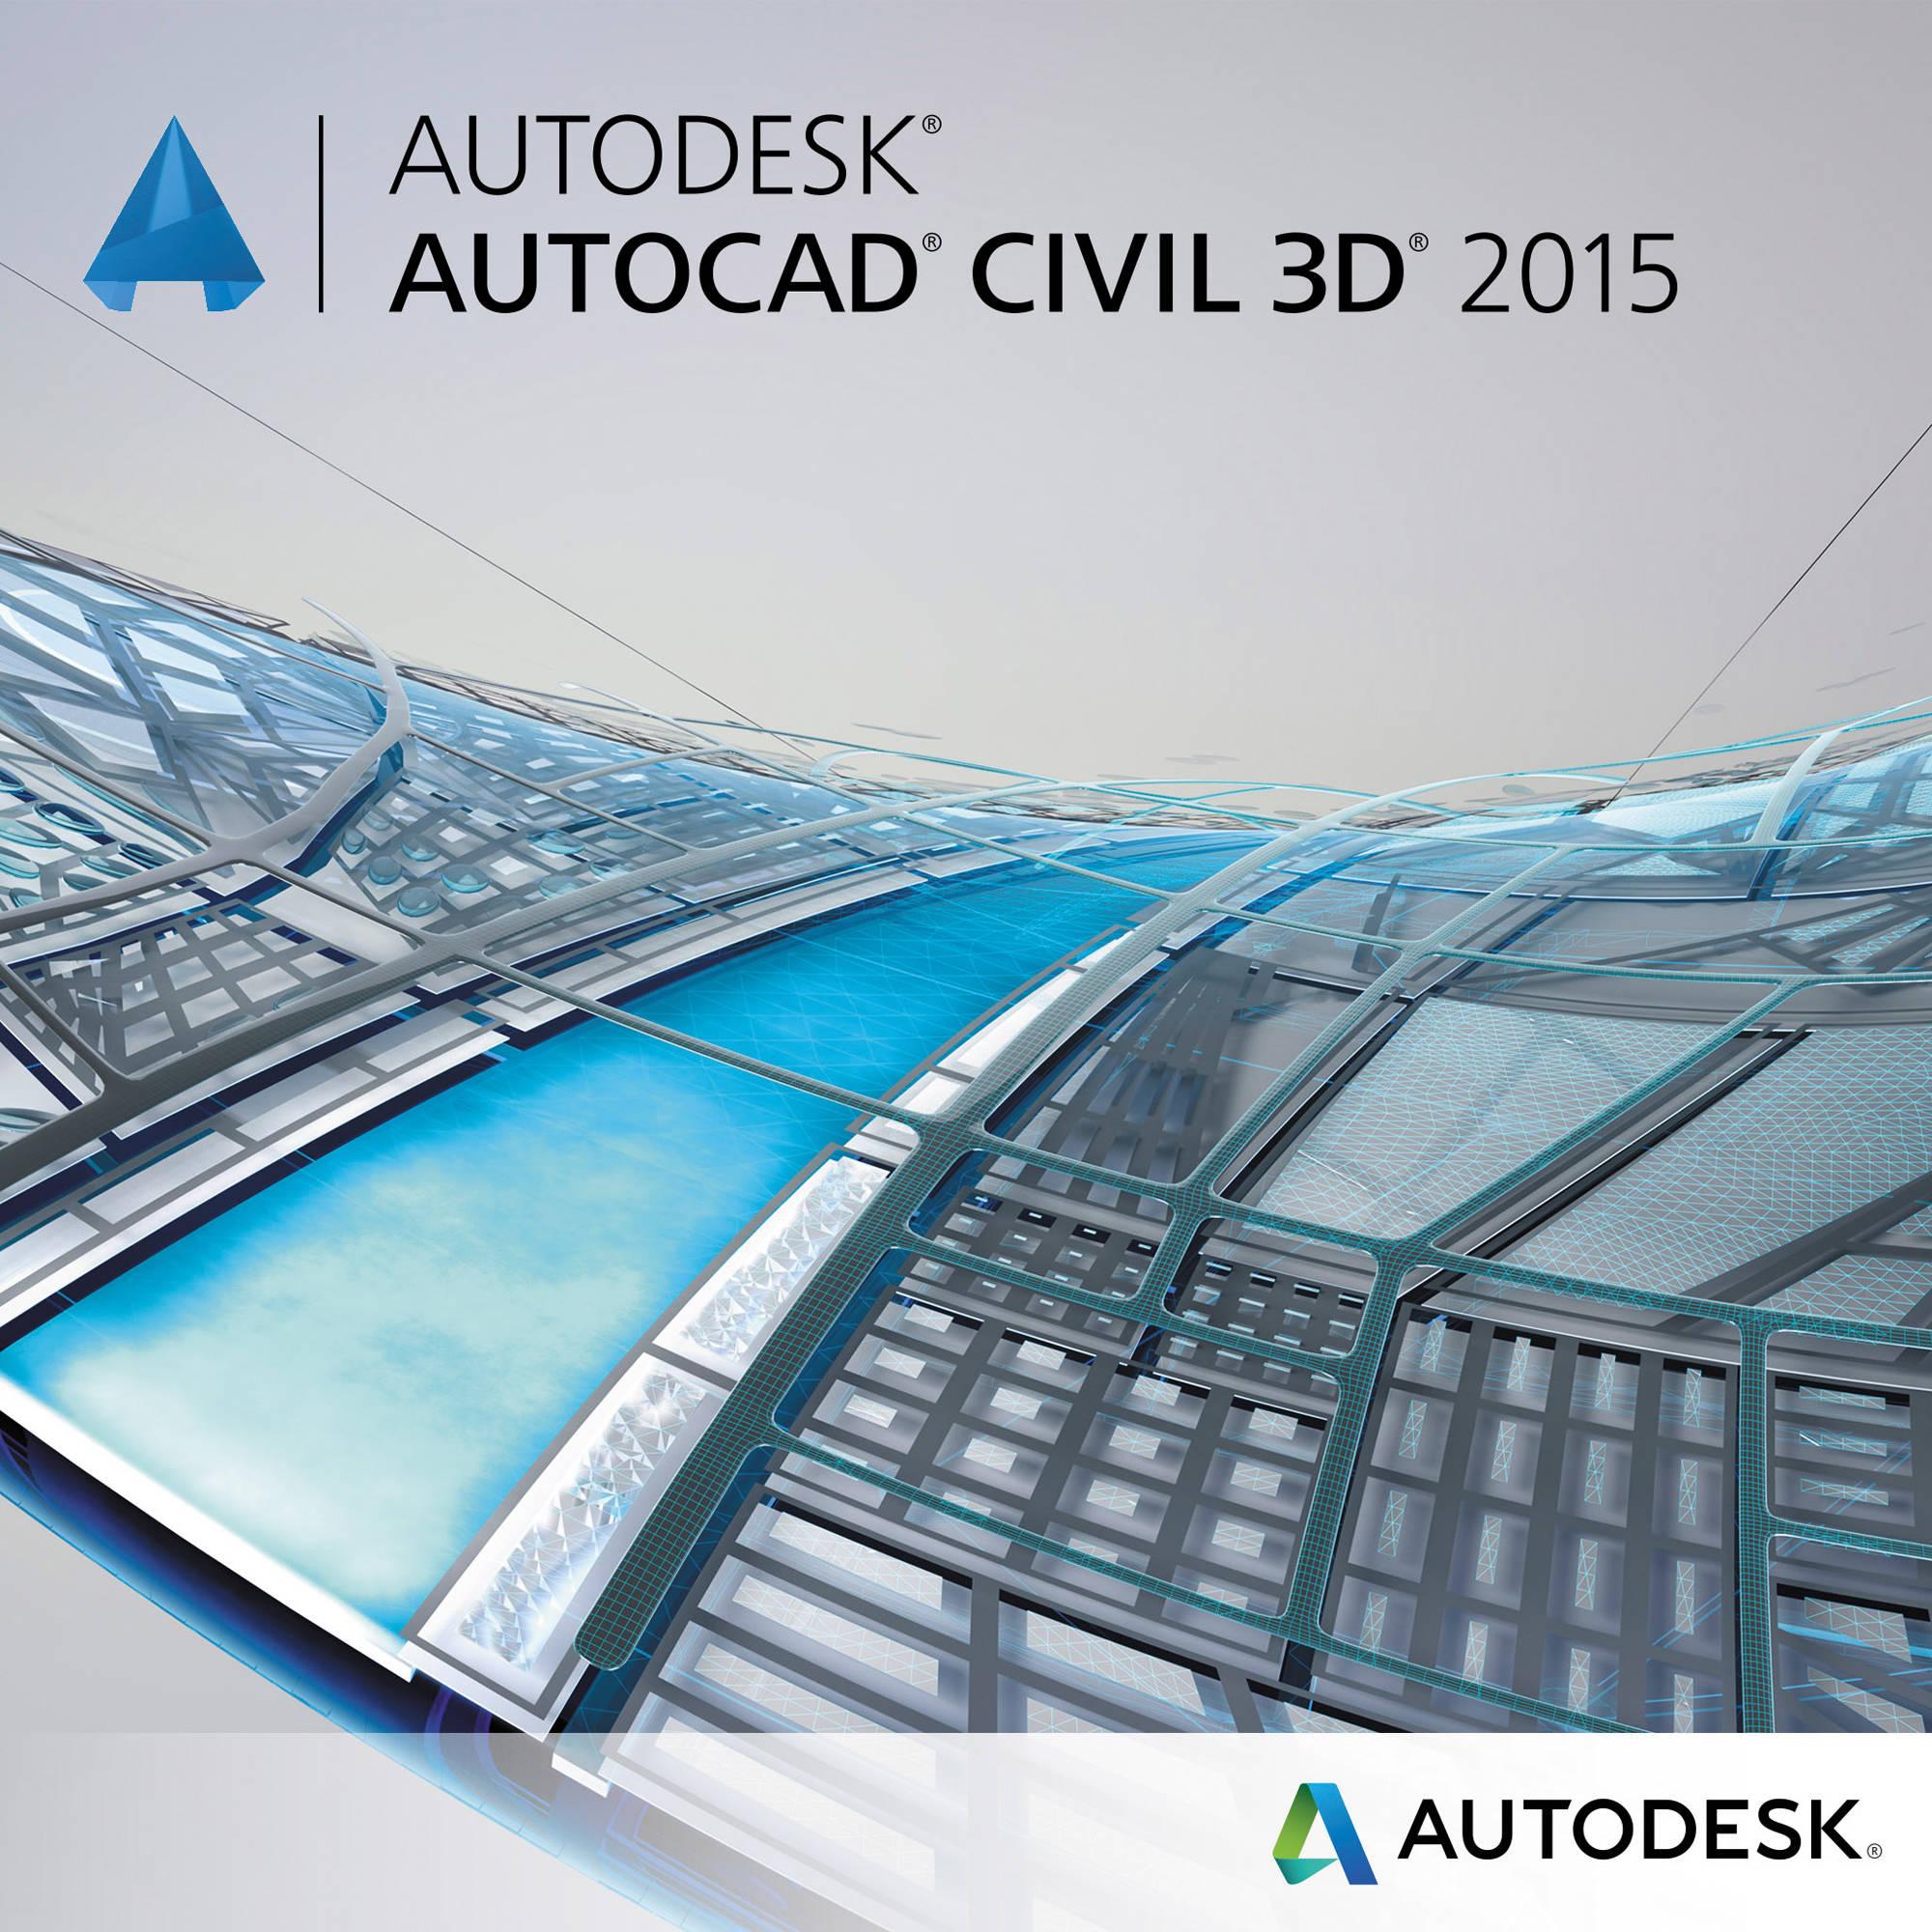 Autodesk autocad civil 3d 2012 discount